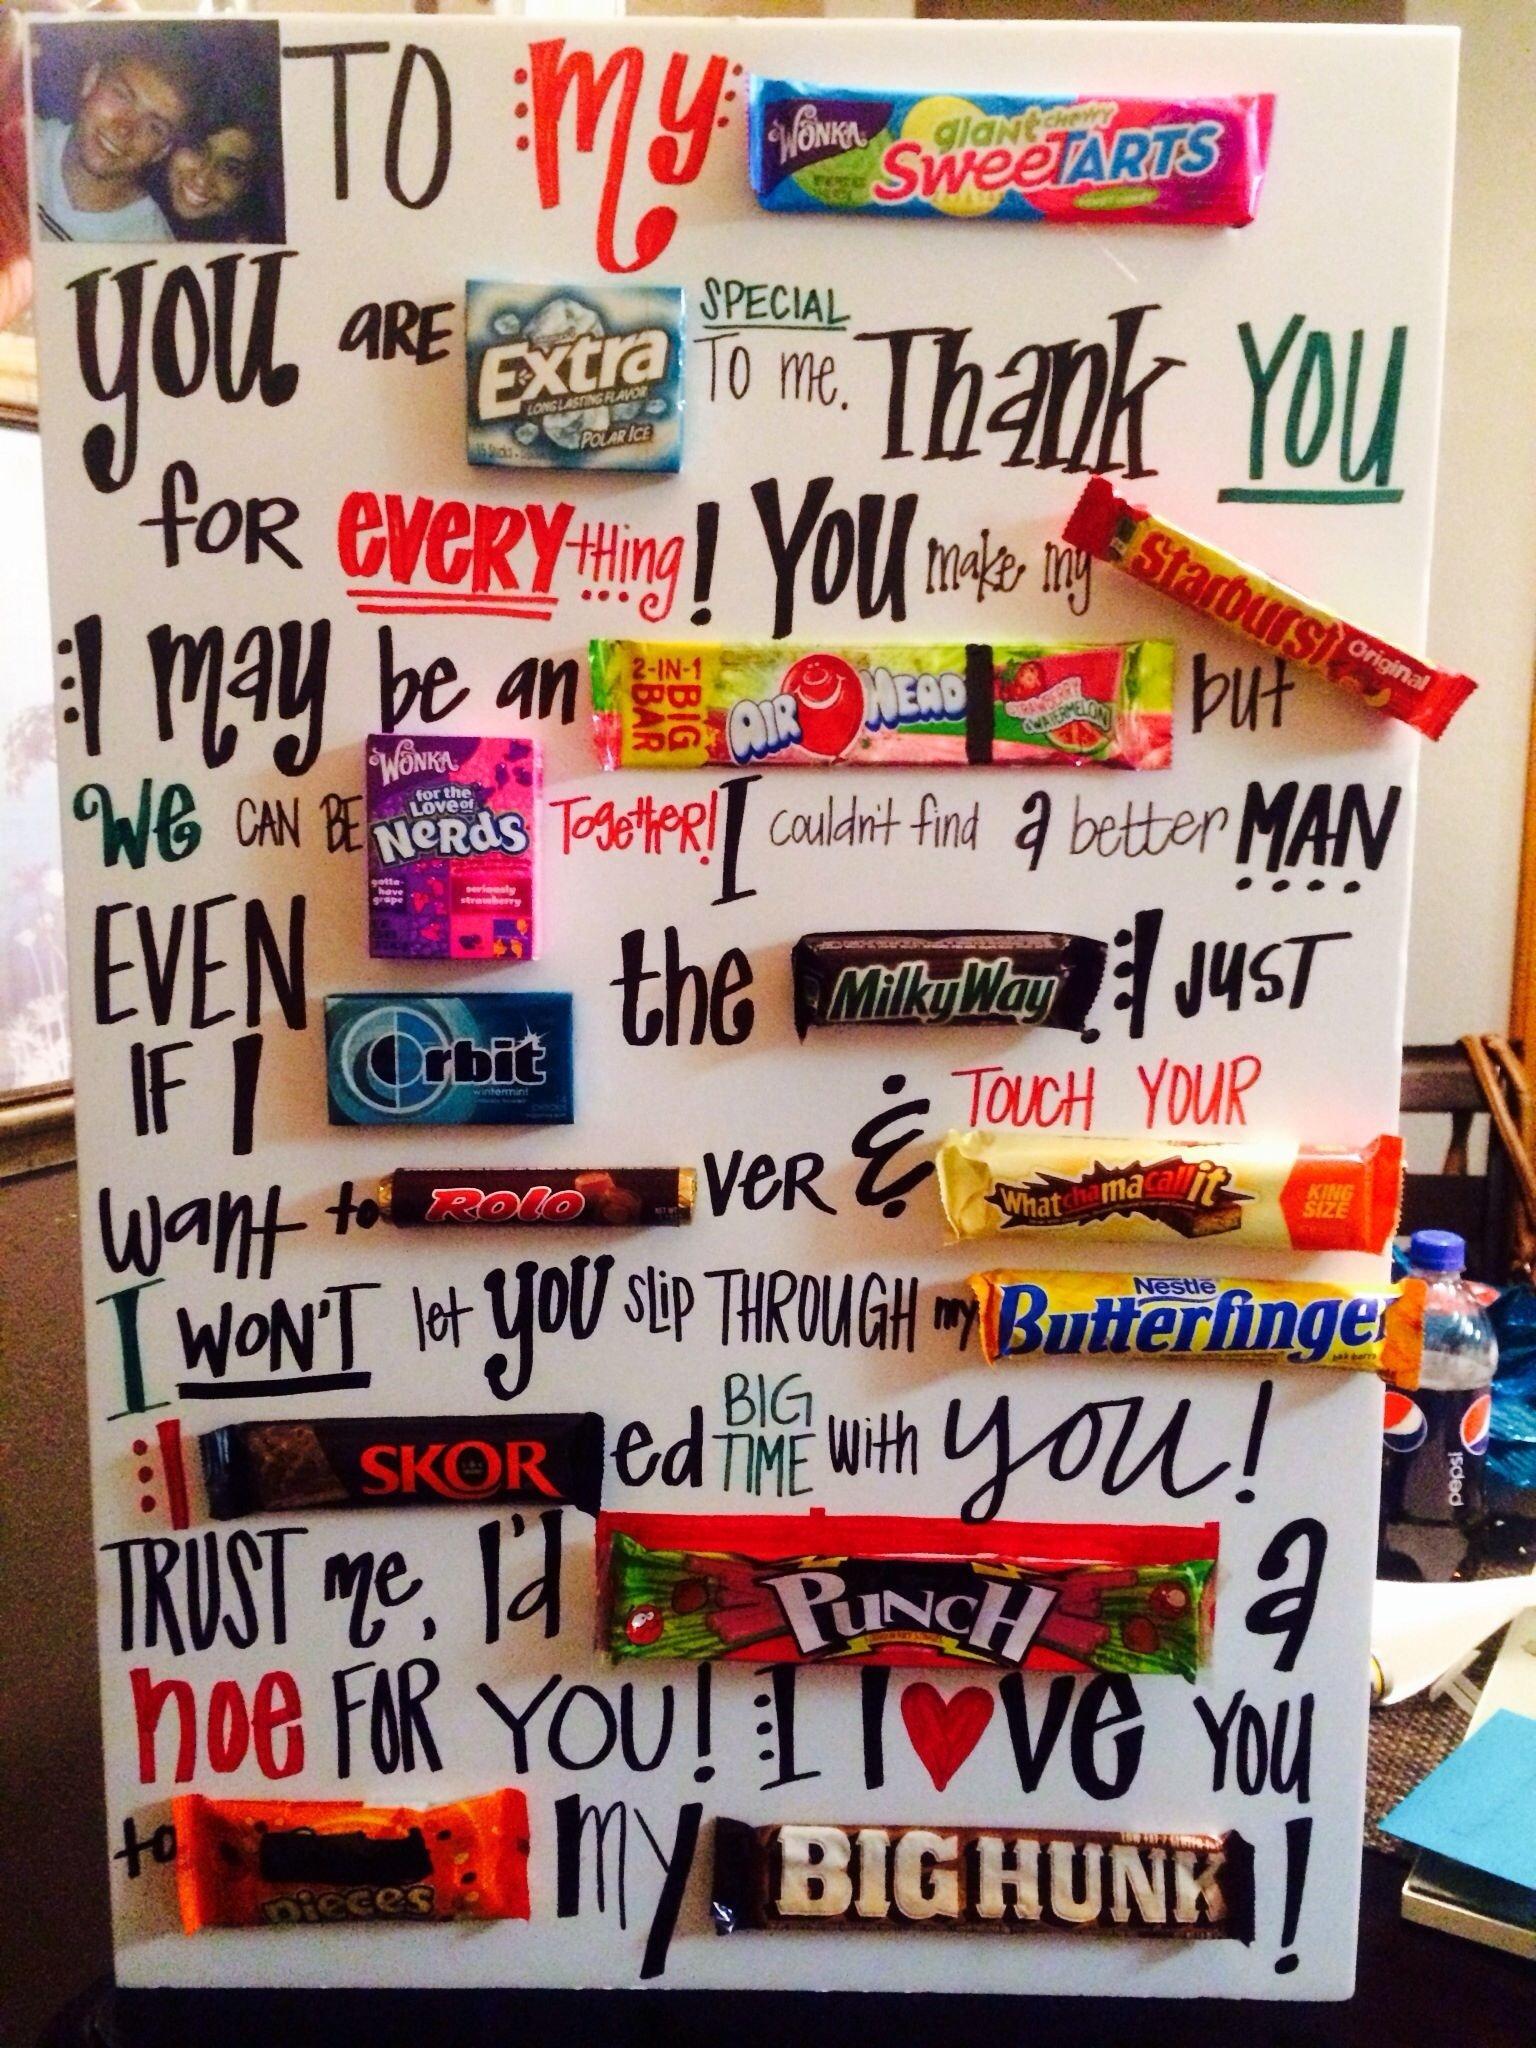 10 Cute Anniversary Ideas For Boyfriend 20 Valentines Day Boyfriends Gift And Anniversaries